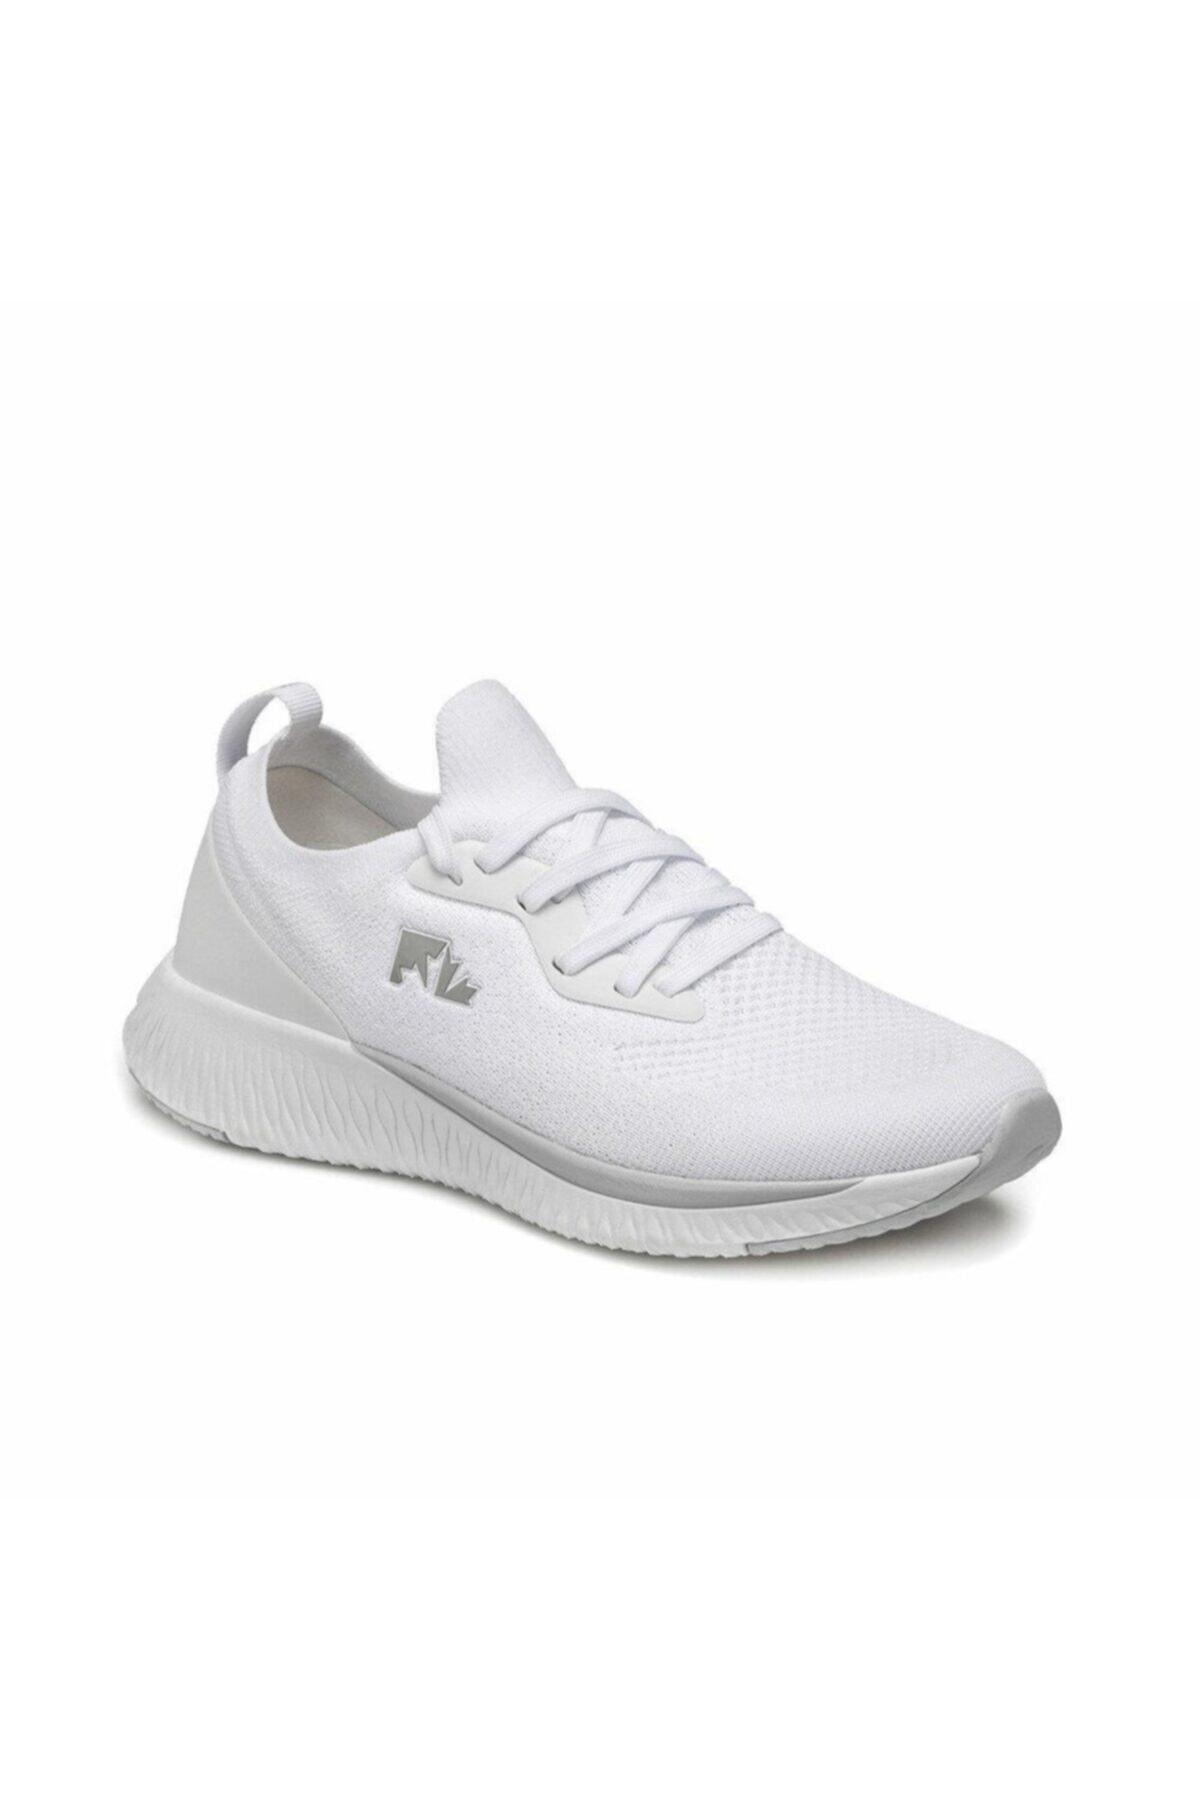 lumberjack CHARLEY Beyaz Erkek Koşu Ayakkabısı 100353764 1